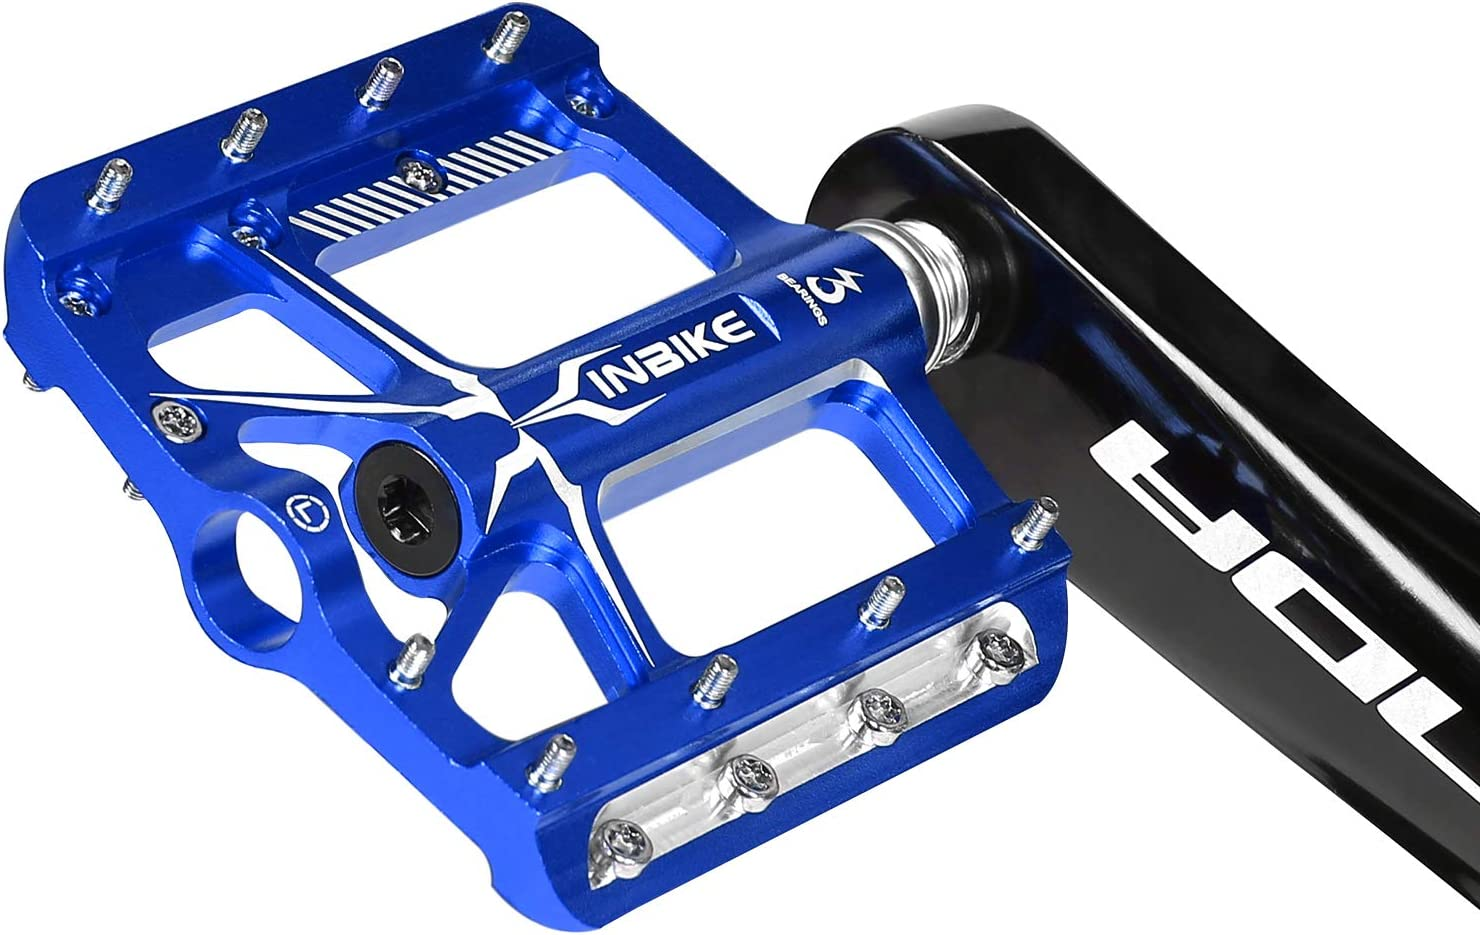 Pedales Plataforma De Aluminio con Rodamiento 9//16 para Bicicleta De Monta/ña Bicicleta De Carretera INBIKE Pedales Antideslizante De MTB Bicicleta